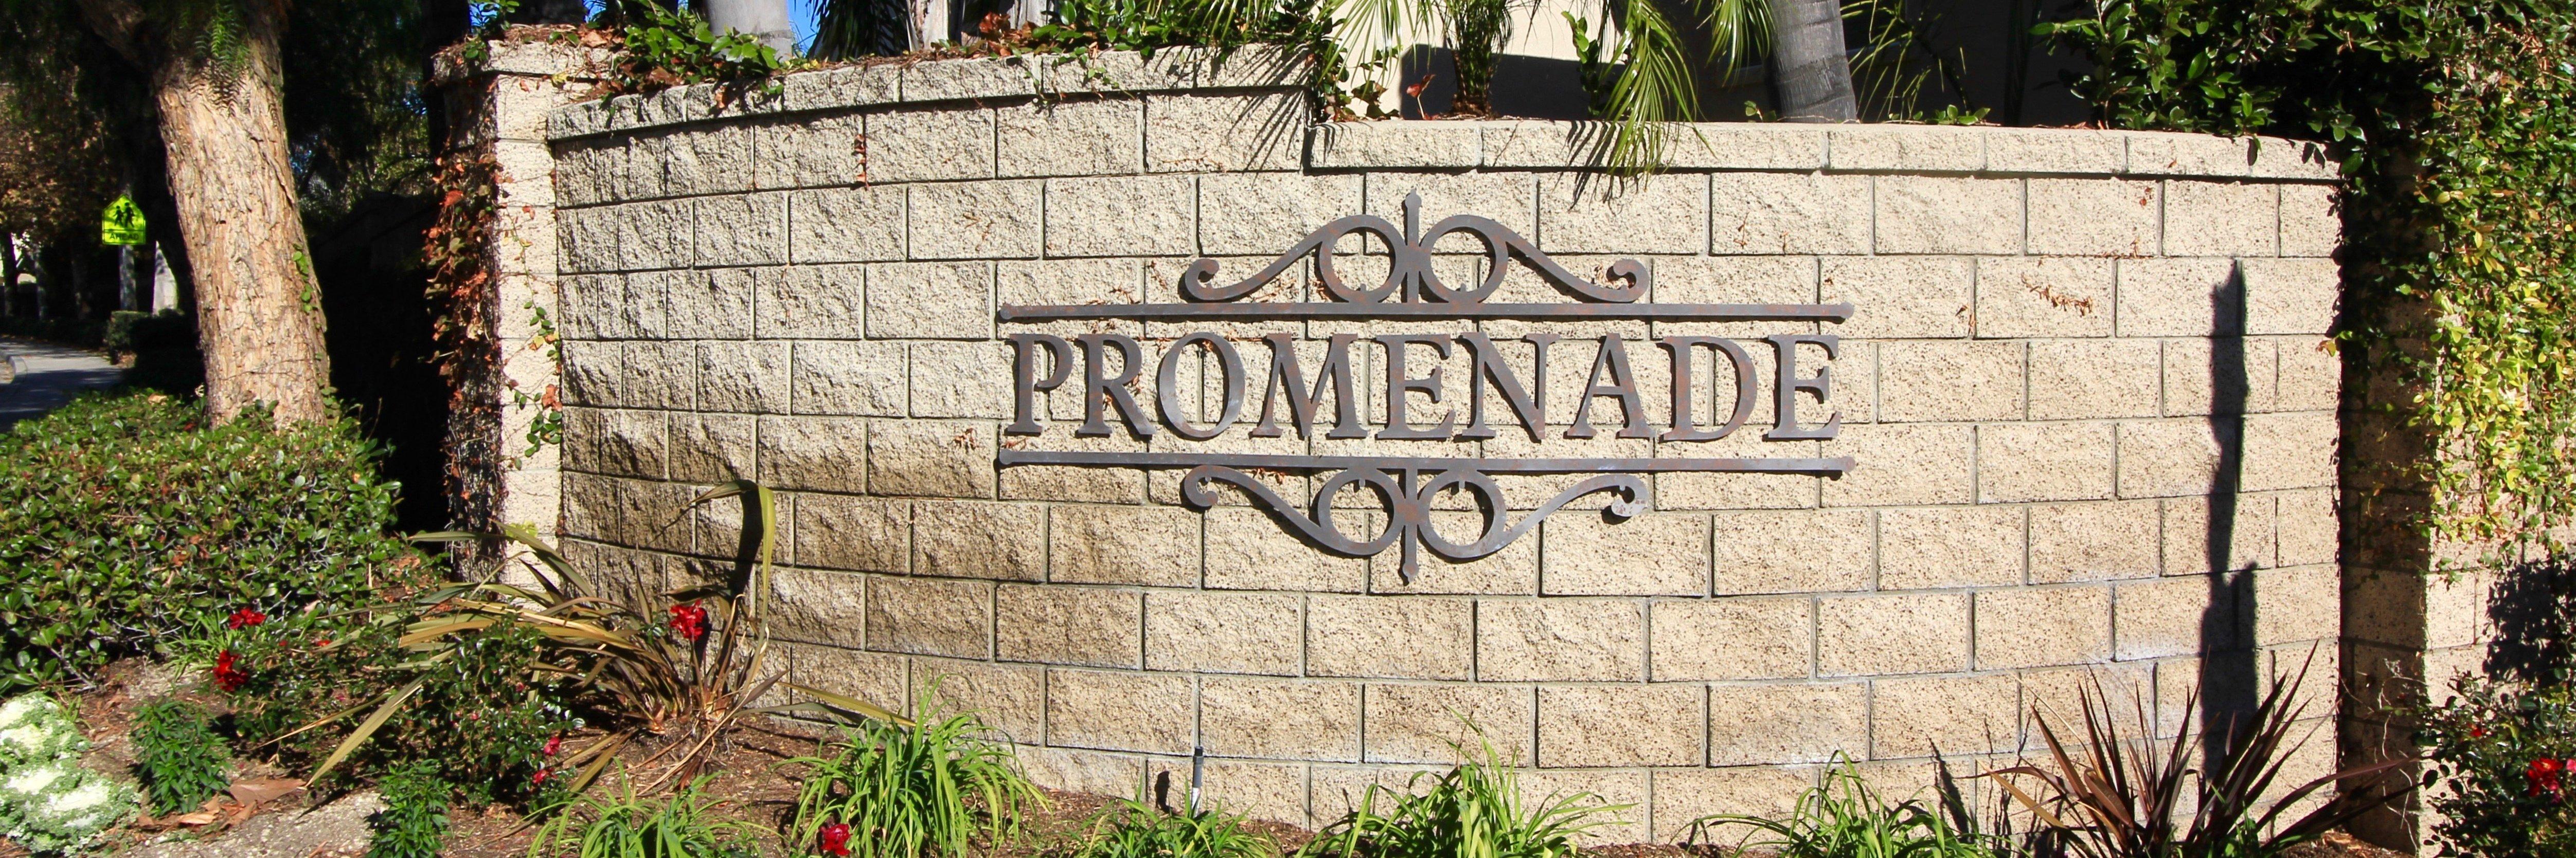 Promenade Community Marquee in Aliso Viejo Ca